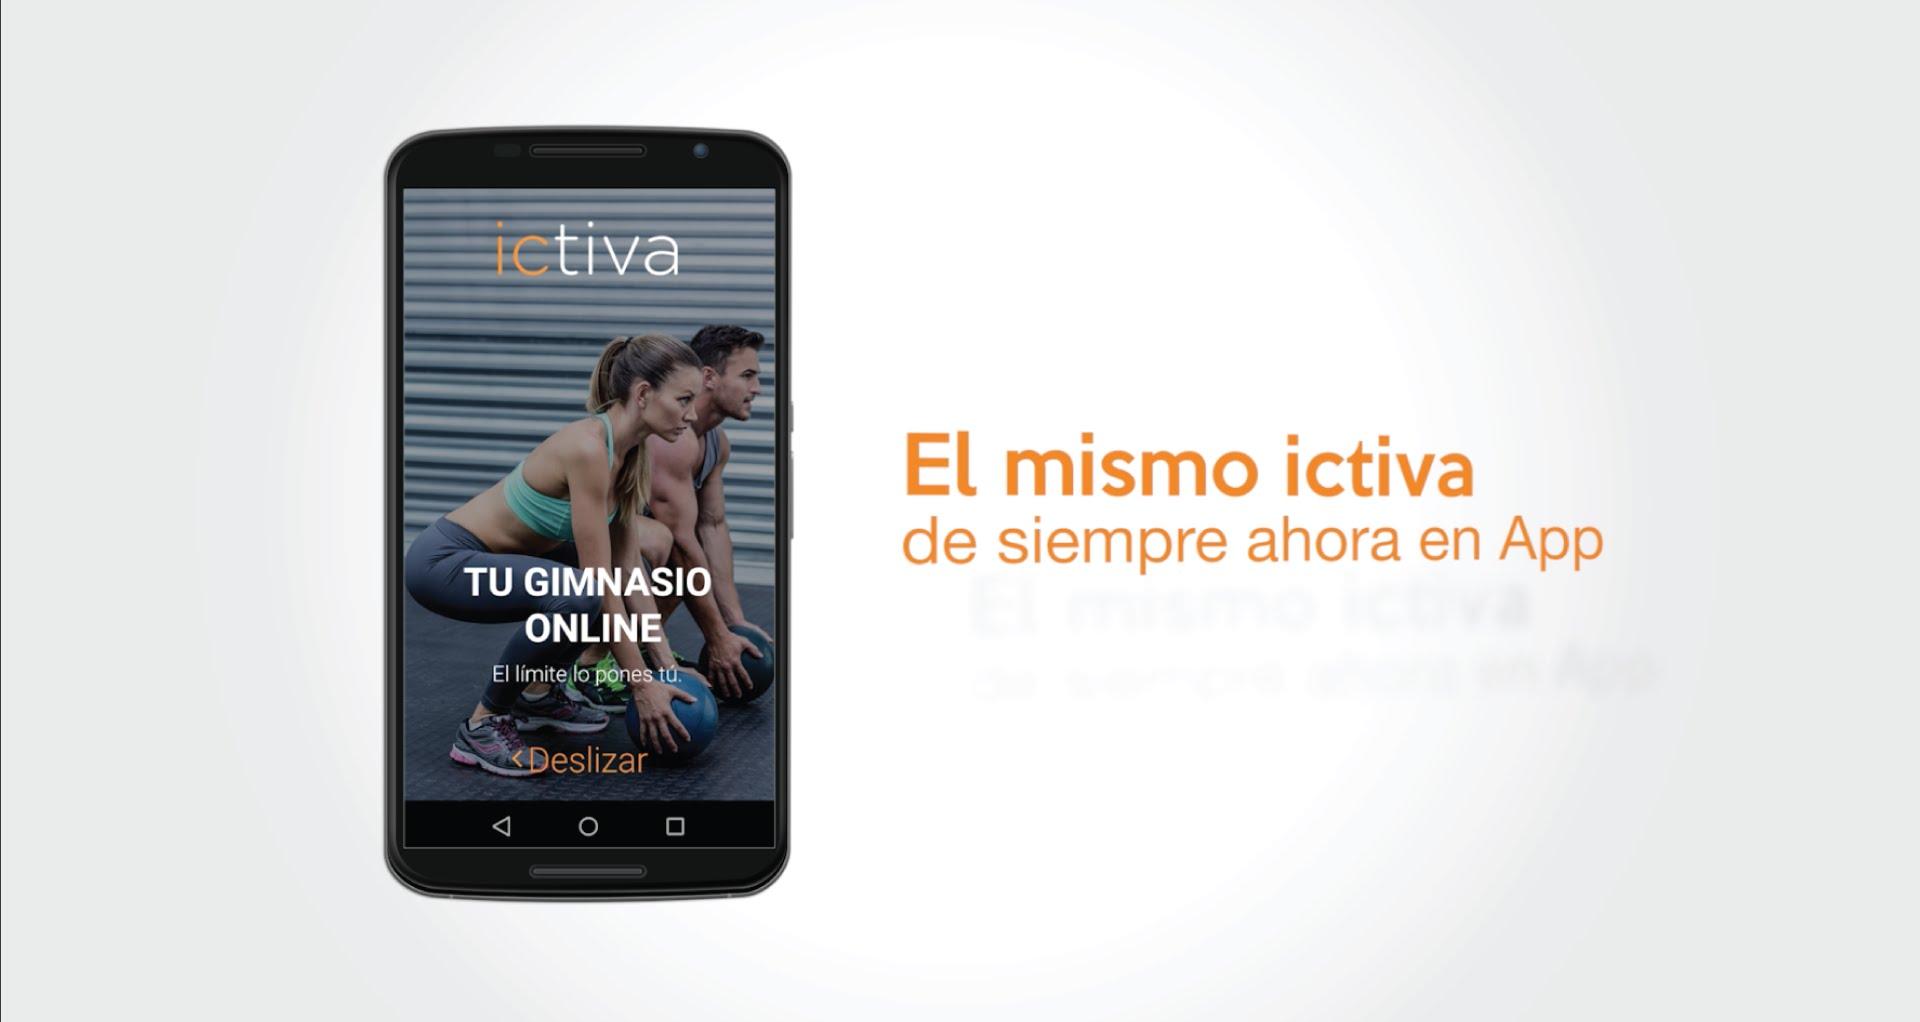 app de ejercicios de Ictiva